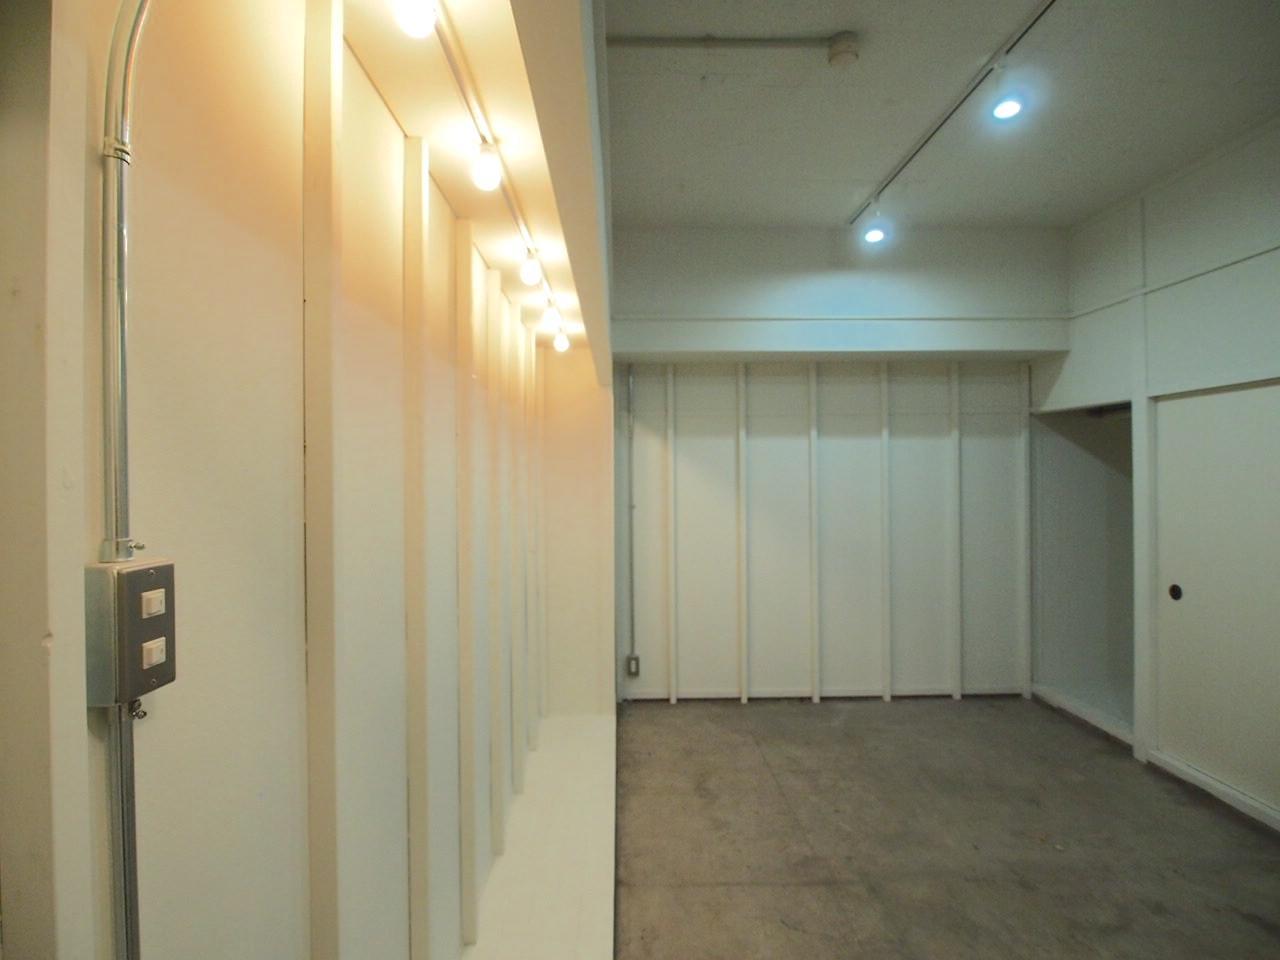 壁面の縦格子部分はカスタマイズ可能。